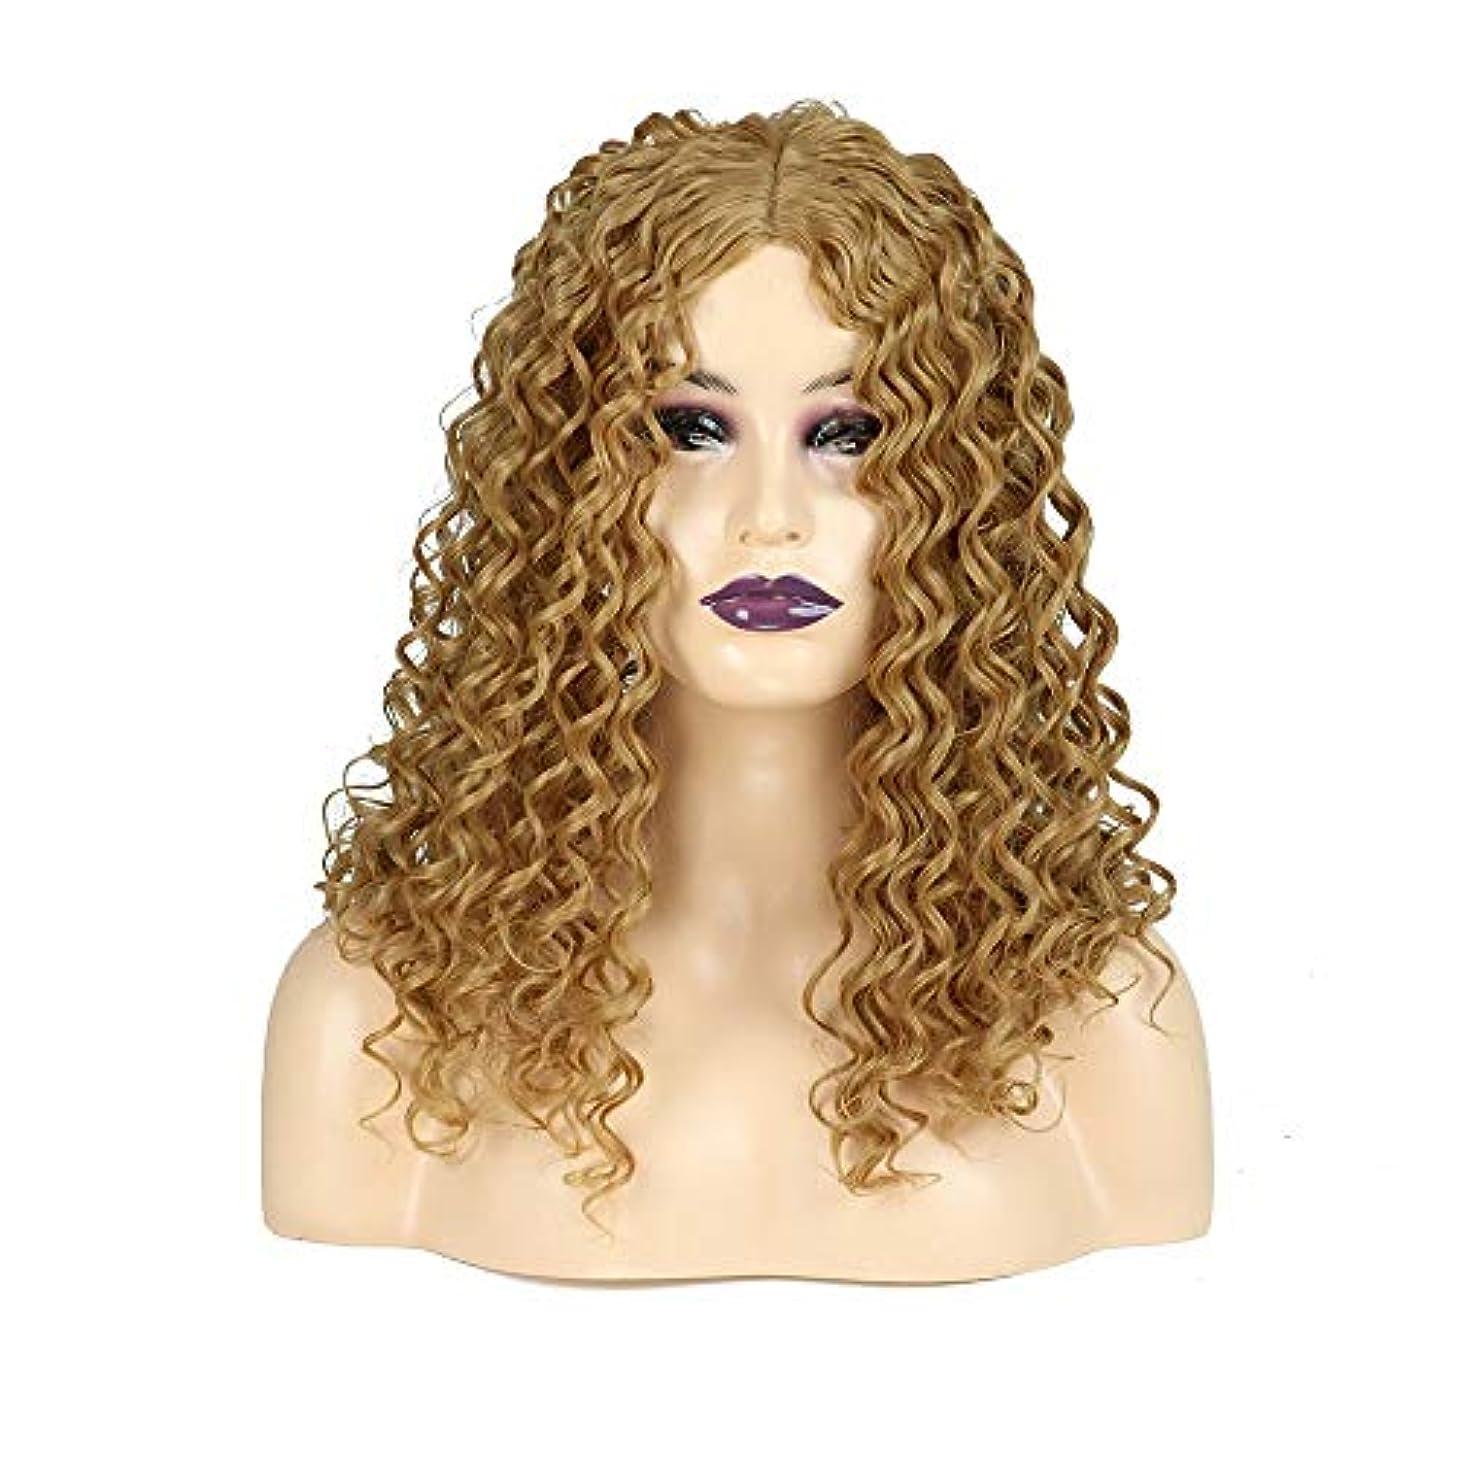 幾何学頑張る影響を受けやすいですWASAIO ブロンドの長い巻き毛のかつらアフリカの小さな波熱安全な合成繊維アクセサリースタイルファイバー用女性の毎日のドレス (色 : Blonde)